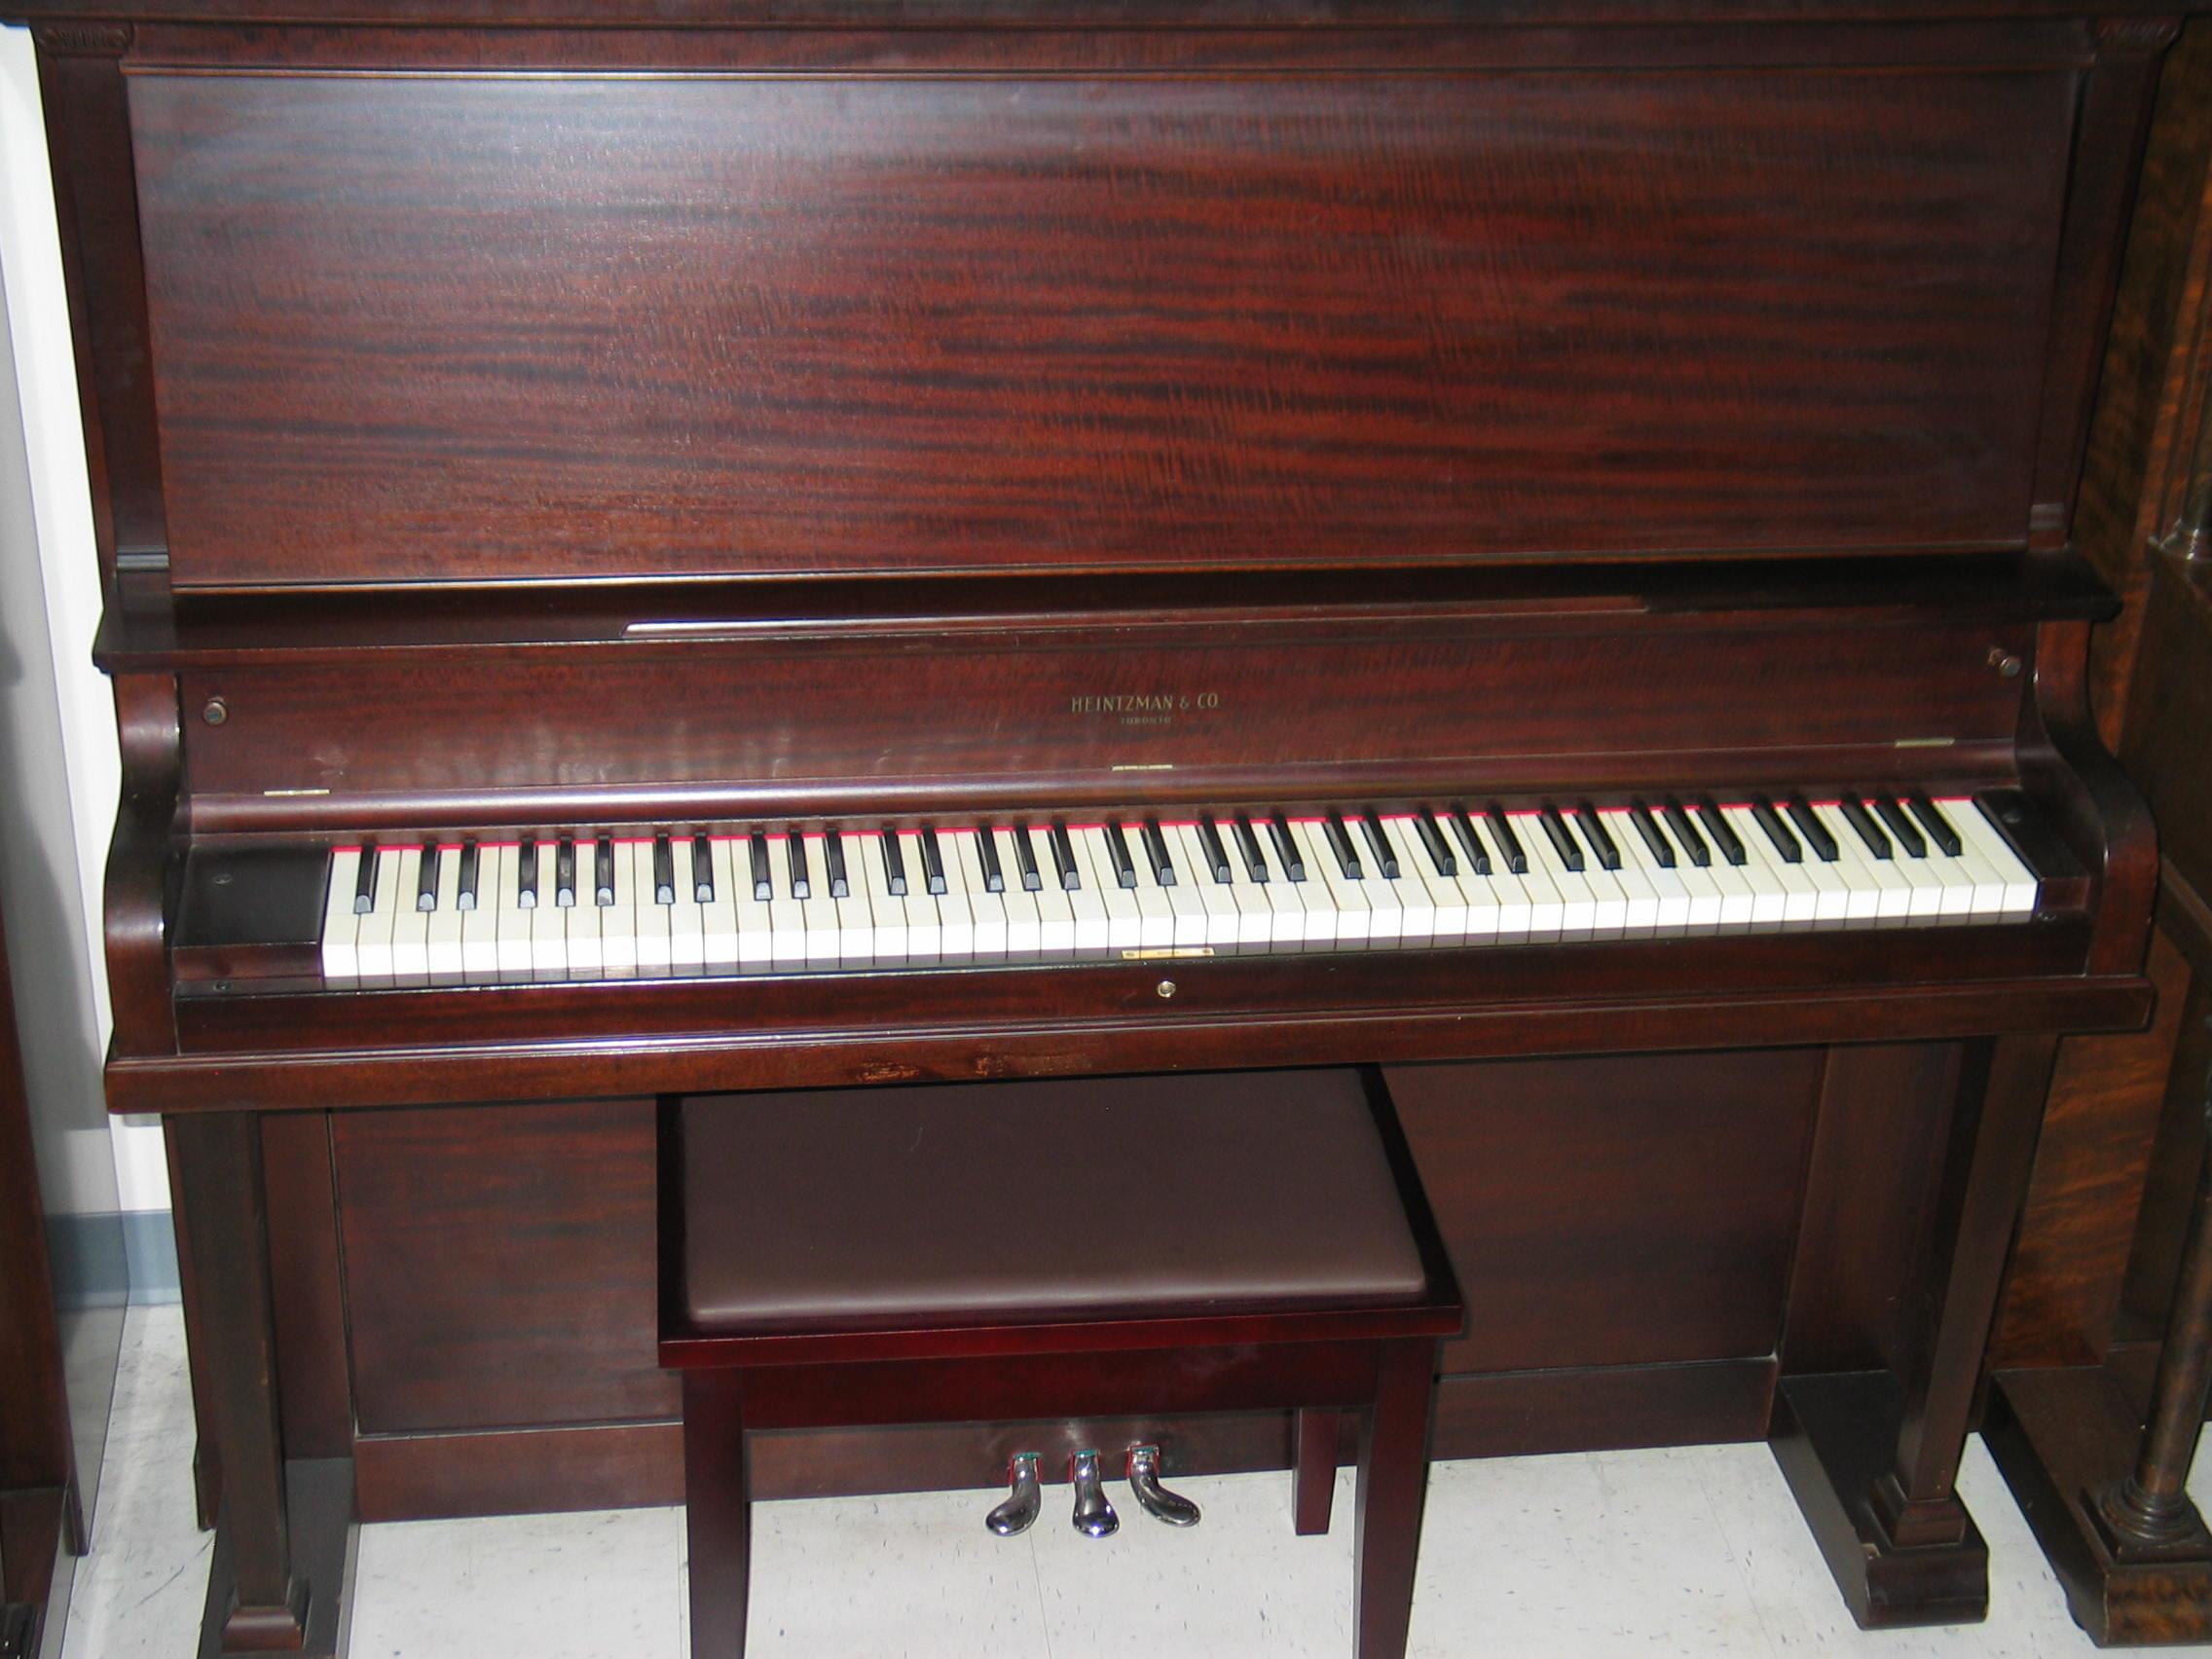 Allison piano heintzman for Small size piano